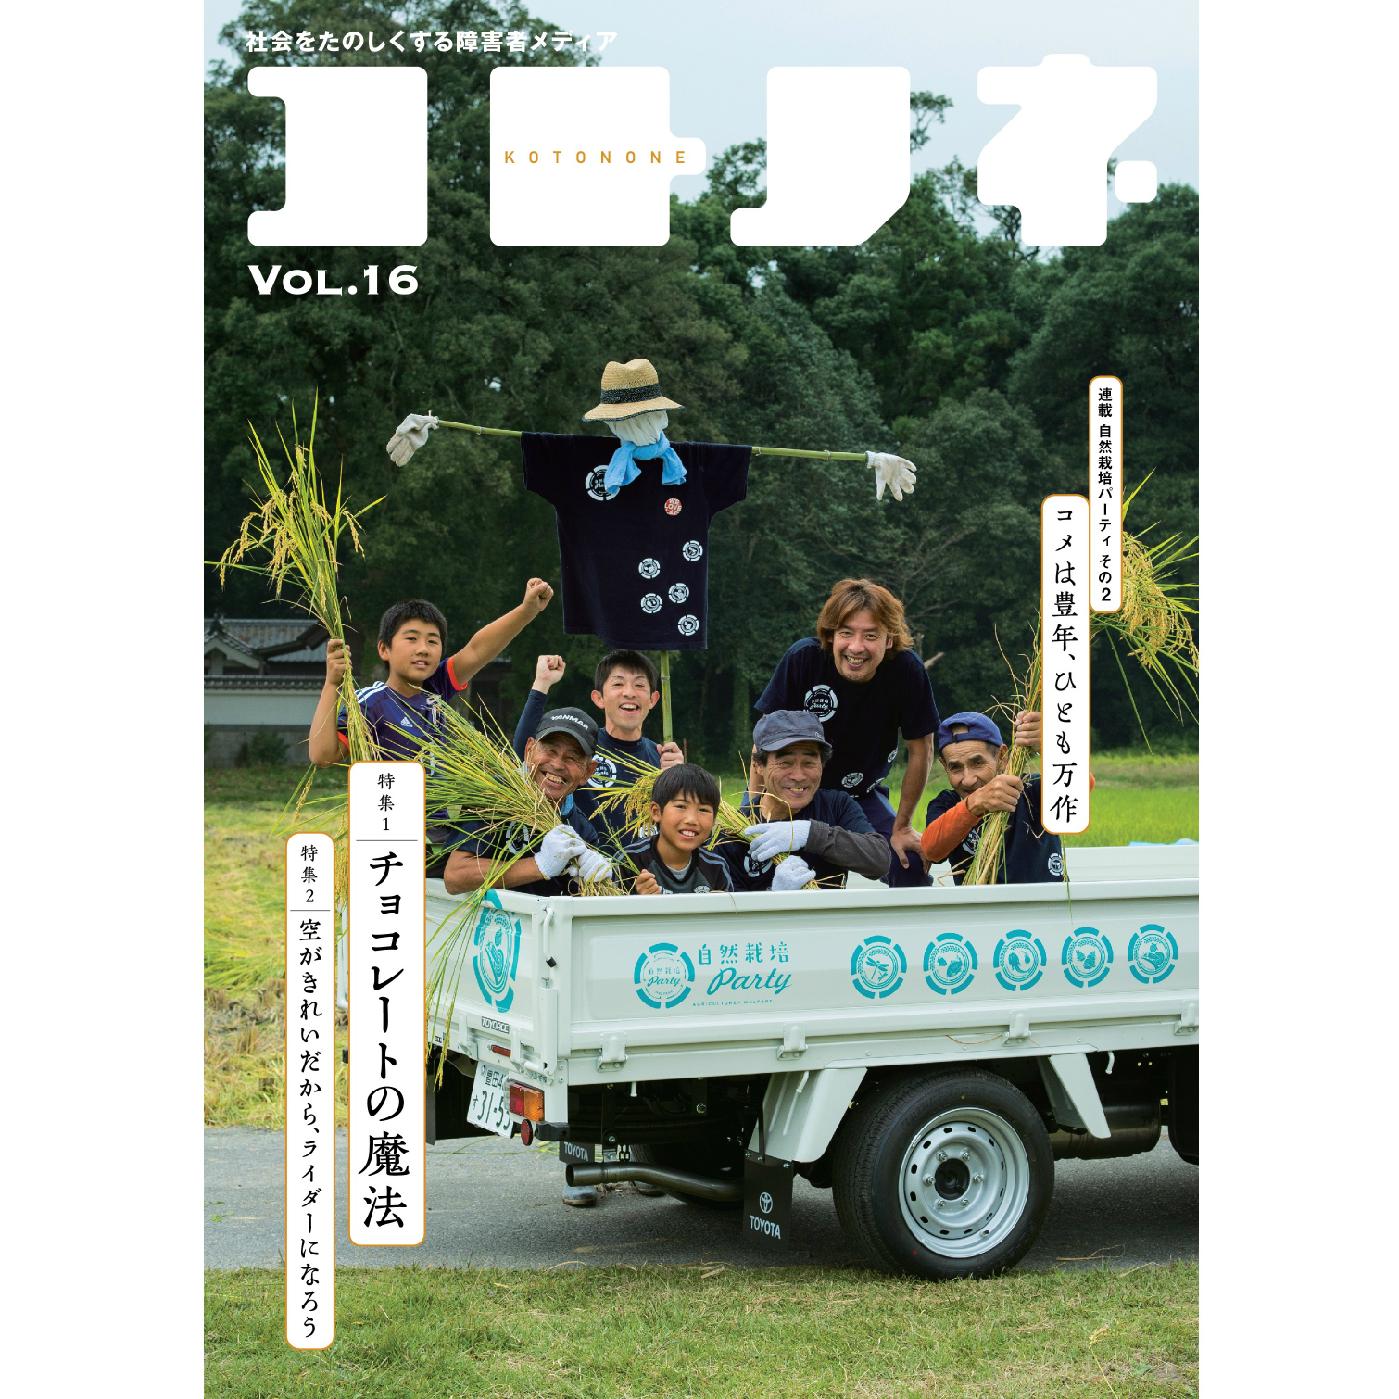 フェリシモ 社会をたのしくする障害者メディア 雑誌 コトノネ Vol.16